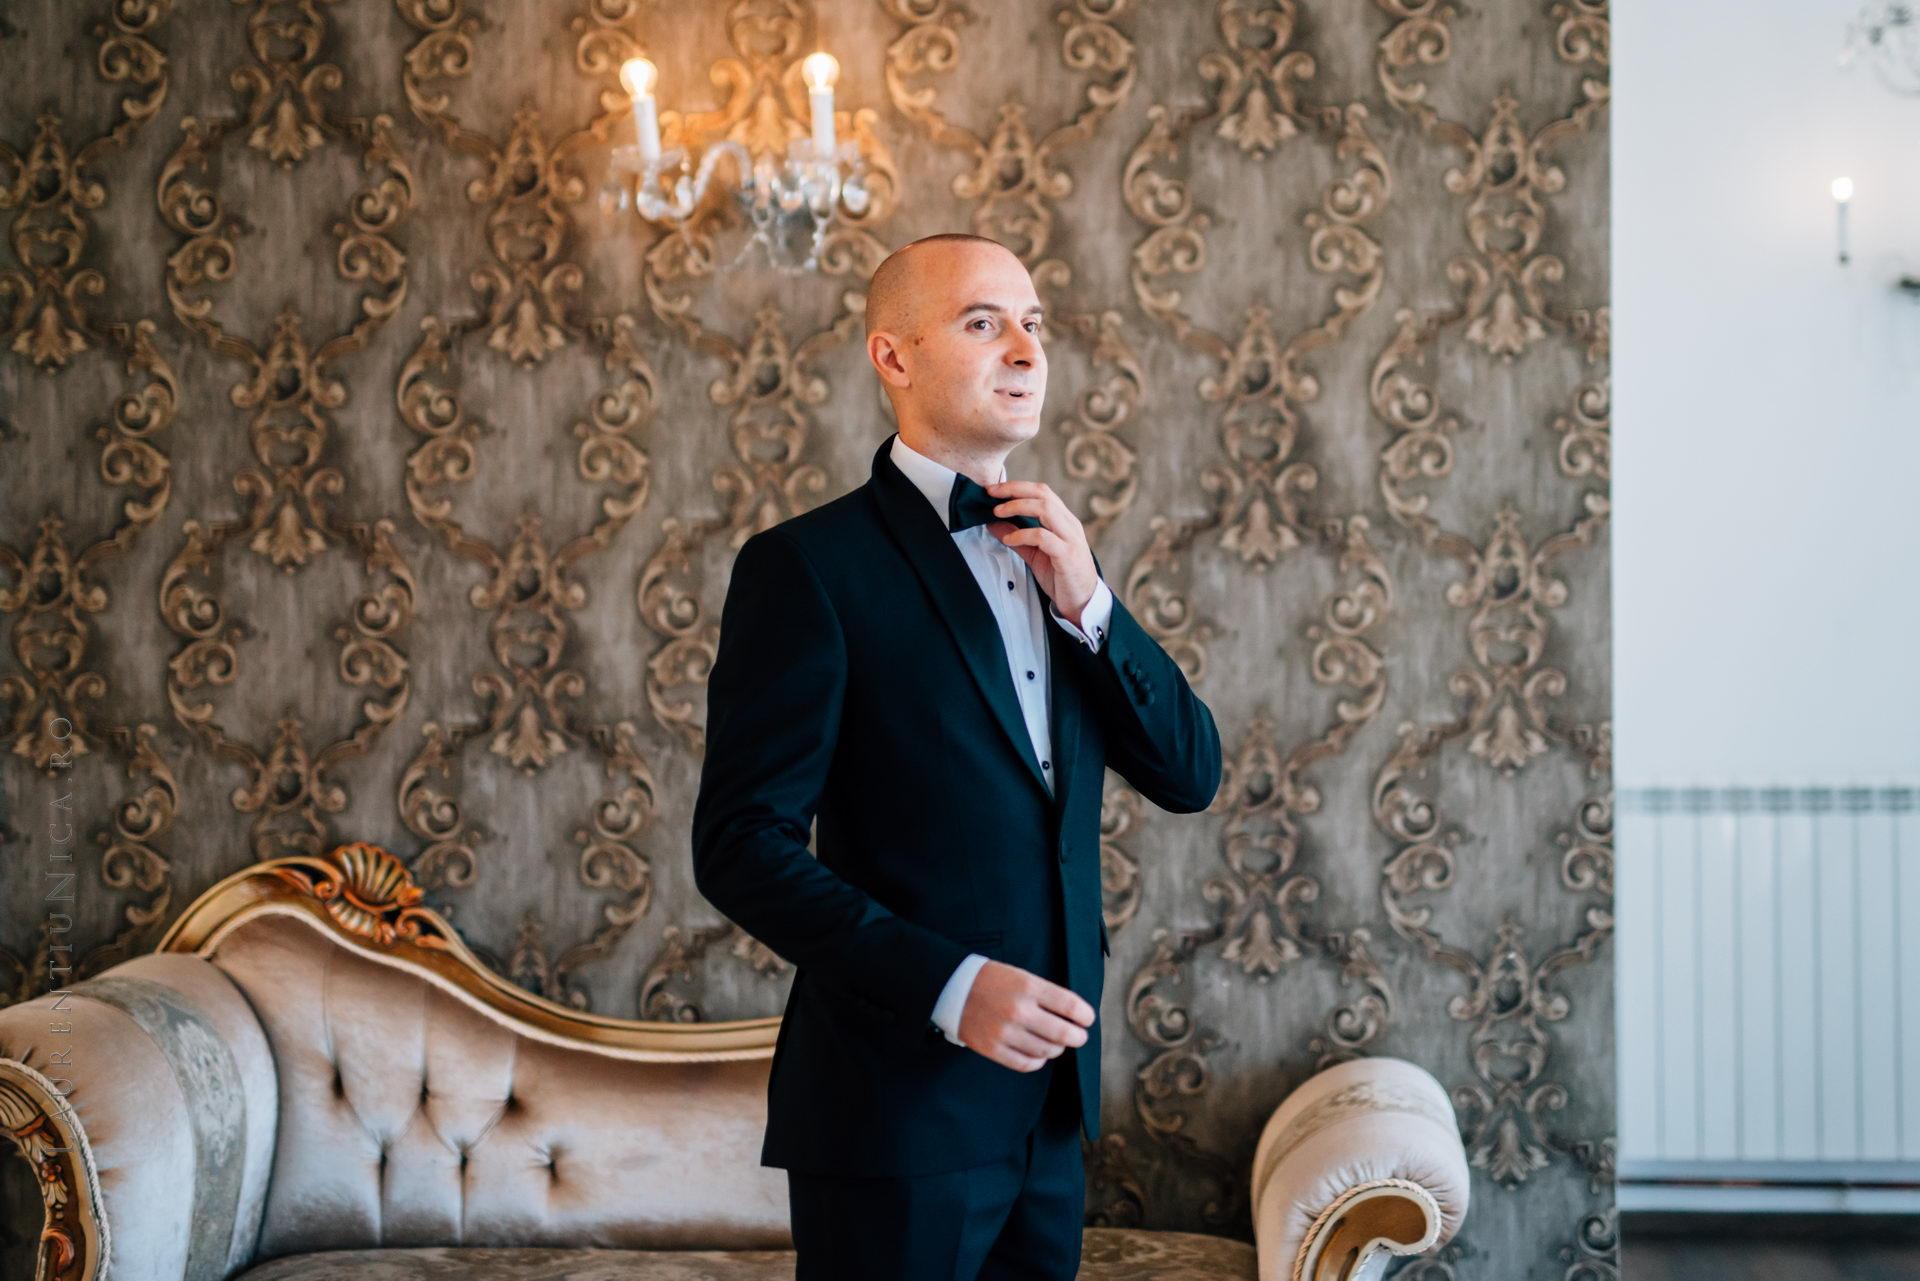 lavinia si adi fotograf laurentiu nica craiova 013 - Lavinia & Adi | Fotografii nunta